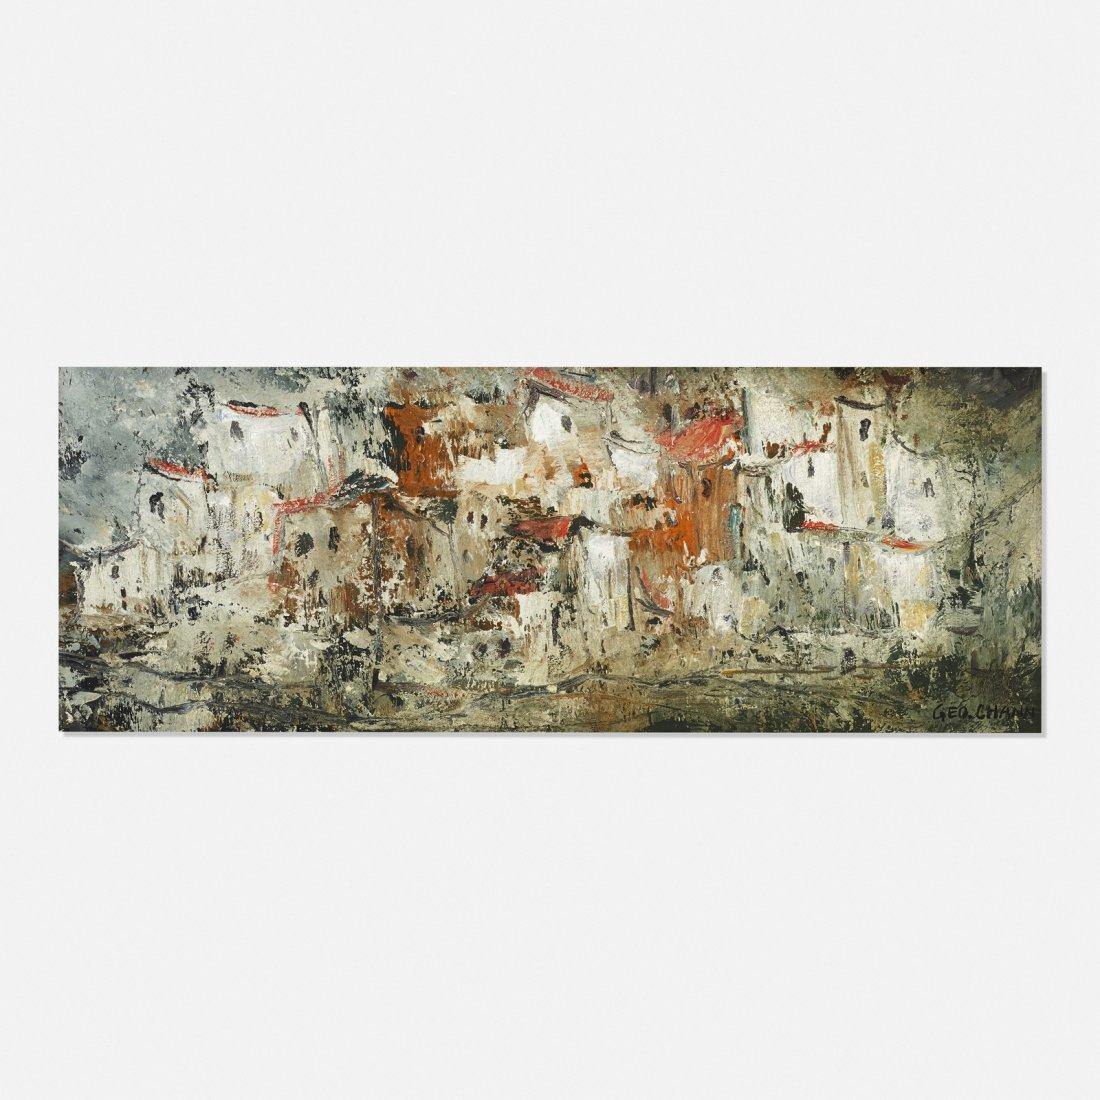 George Chann, Untitled